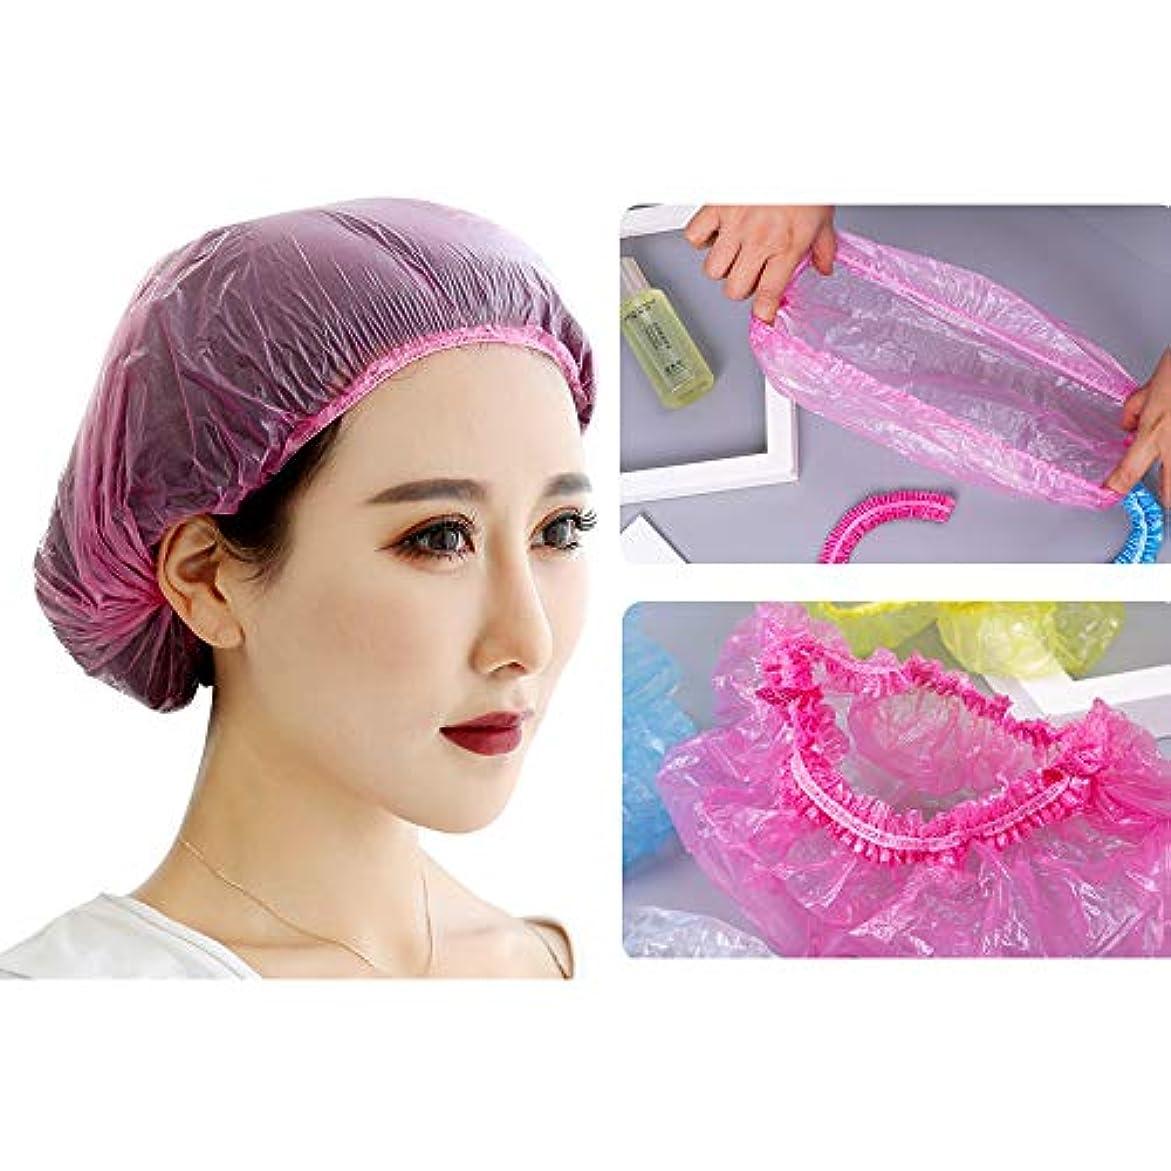 漫画反対にマインドWotion シャワーキャップ 使い捨てキャップ ヘアキャップ100枚入 個別包装 髪染め用 ヘアカラー用 サロン用 作業用 男女兼用 (ピンク)